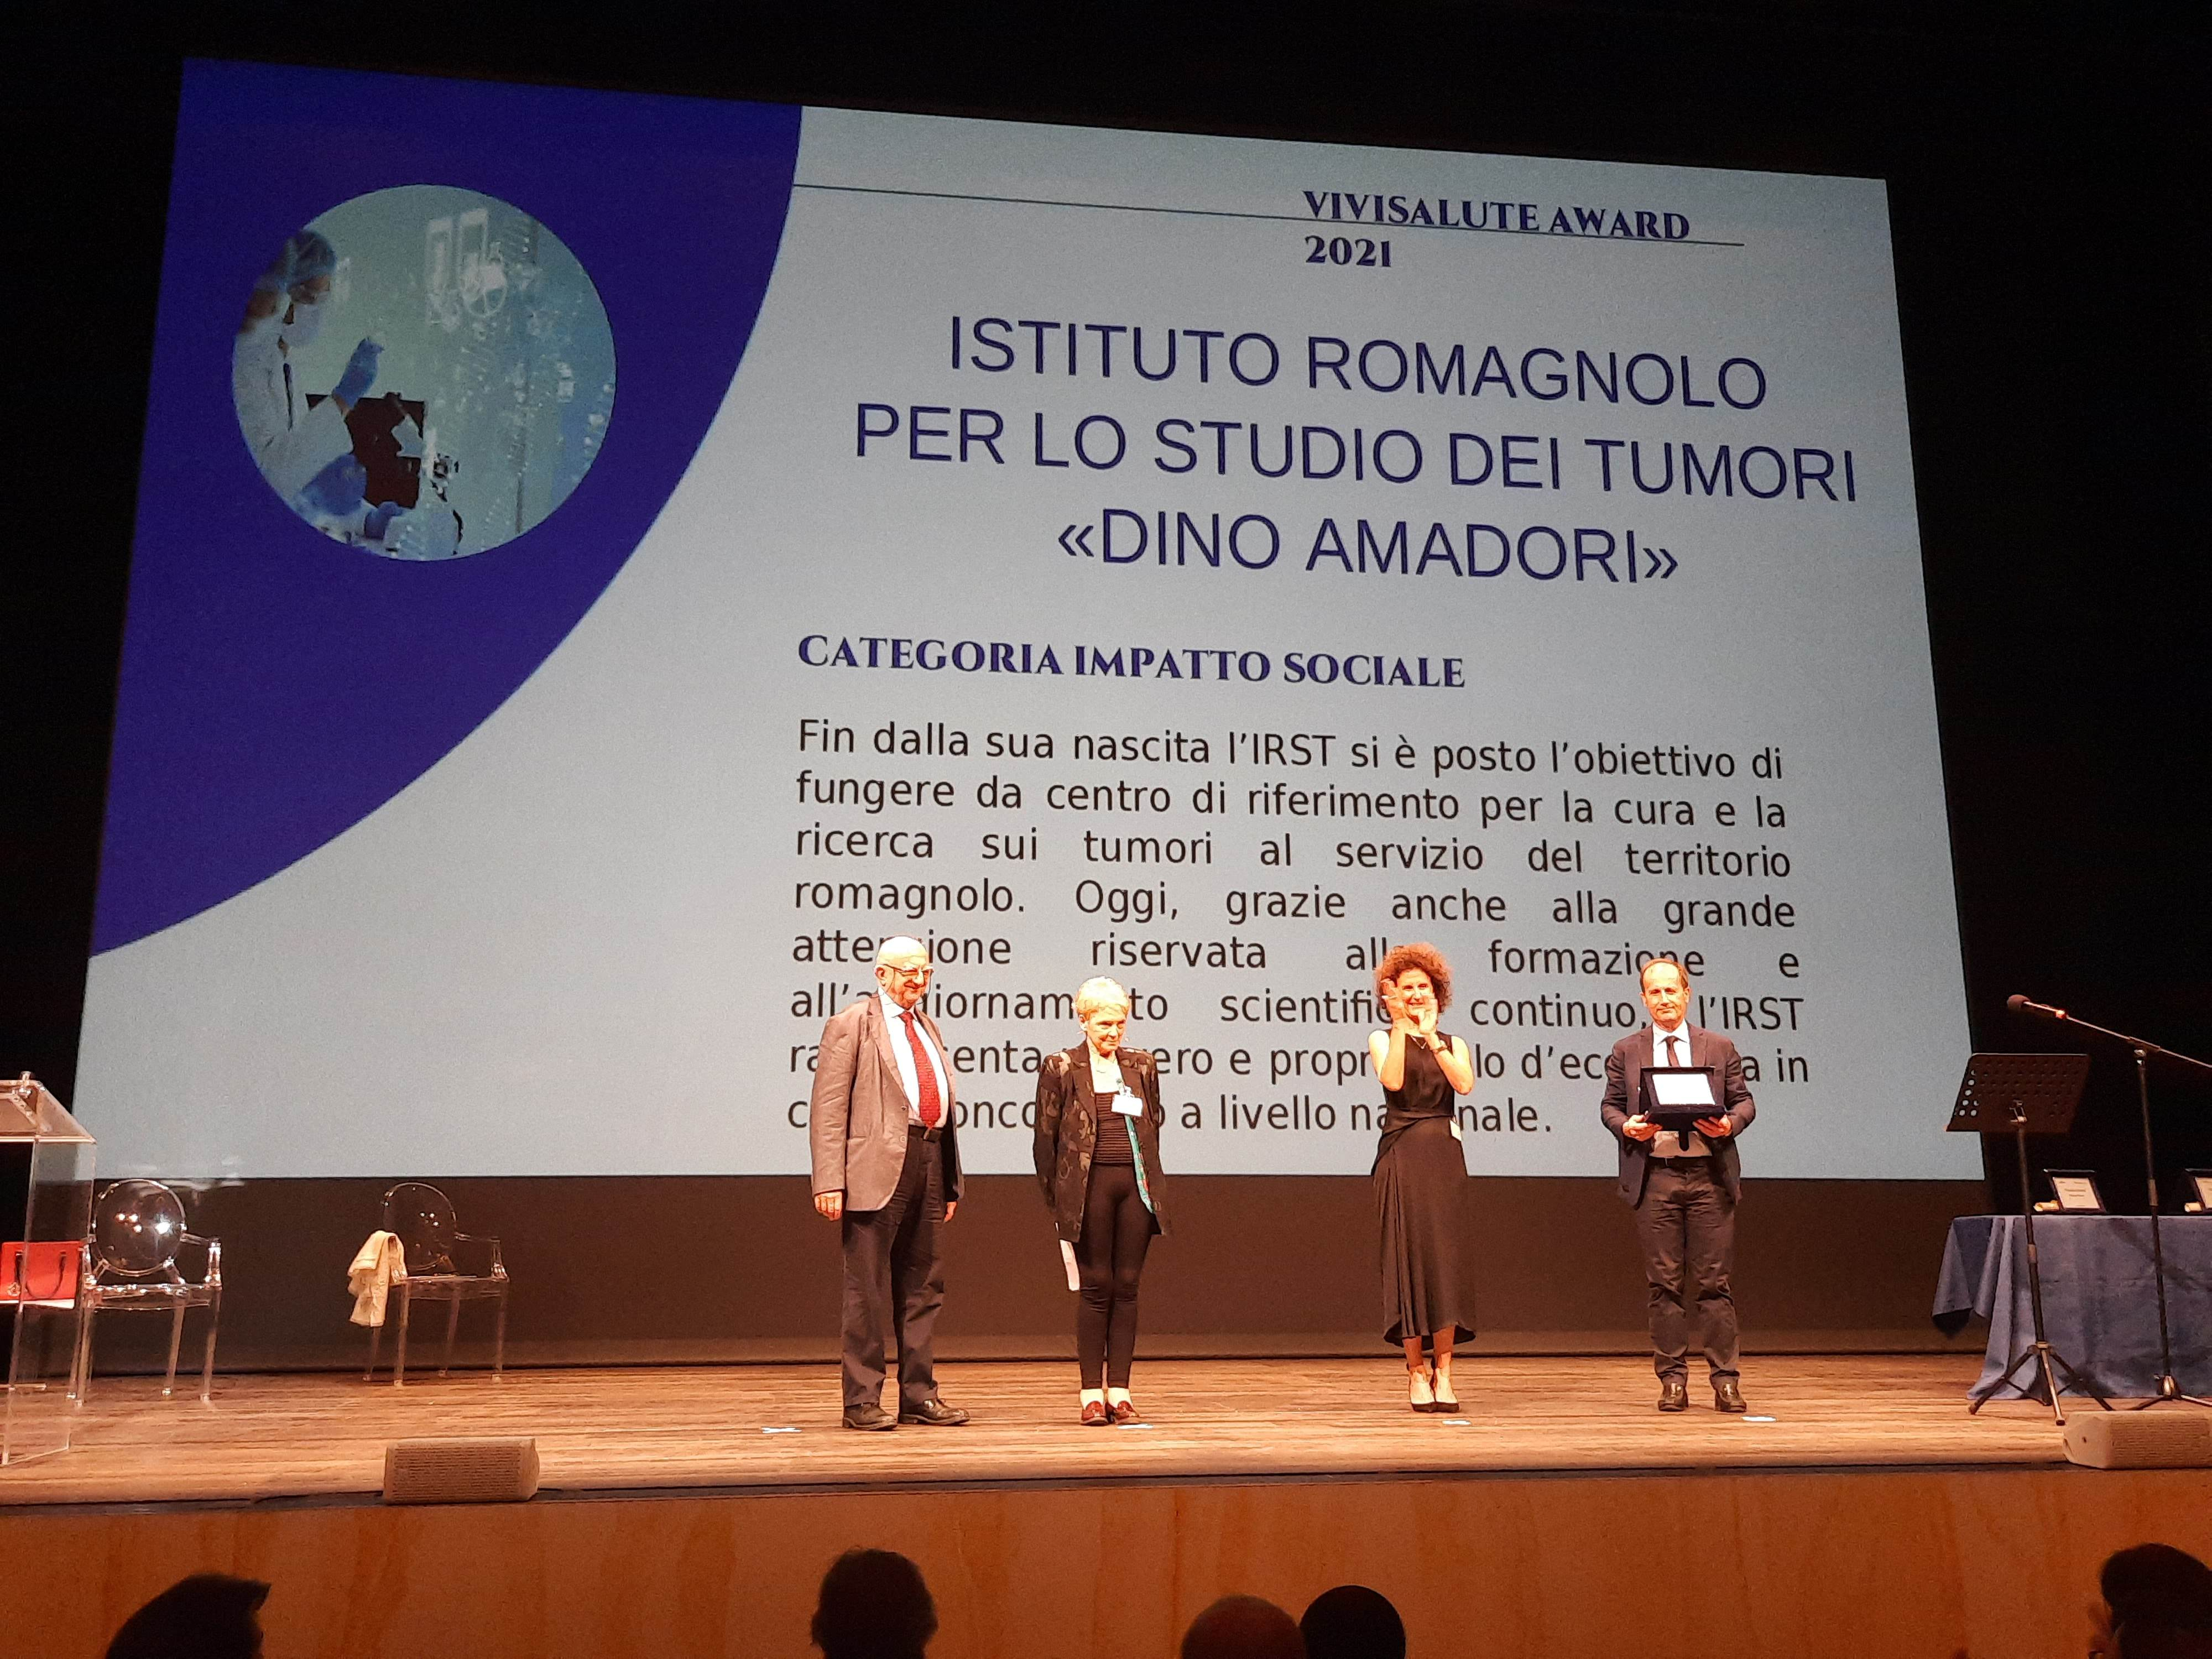 Irst-premiato-Vivisalute-award